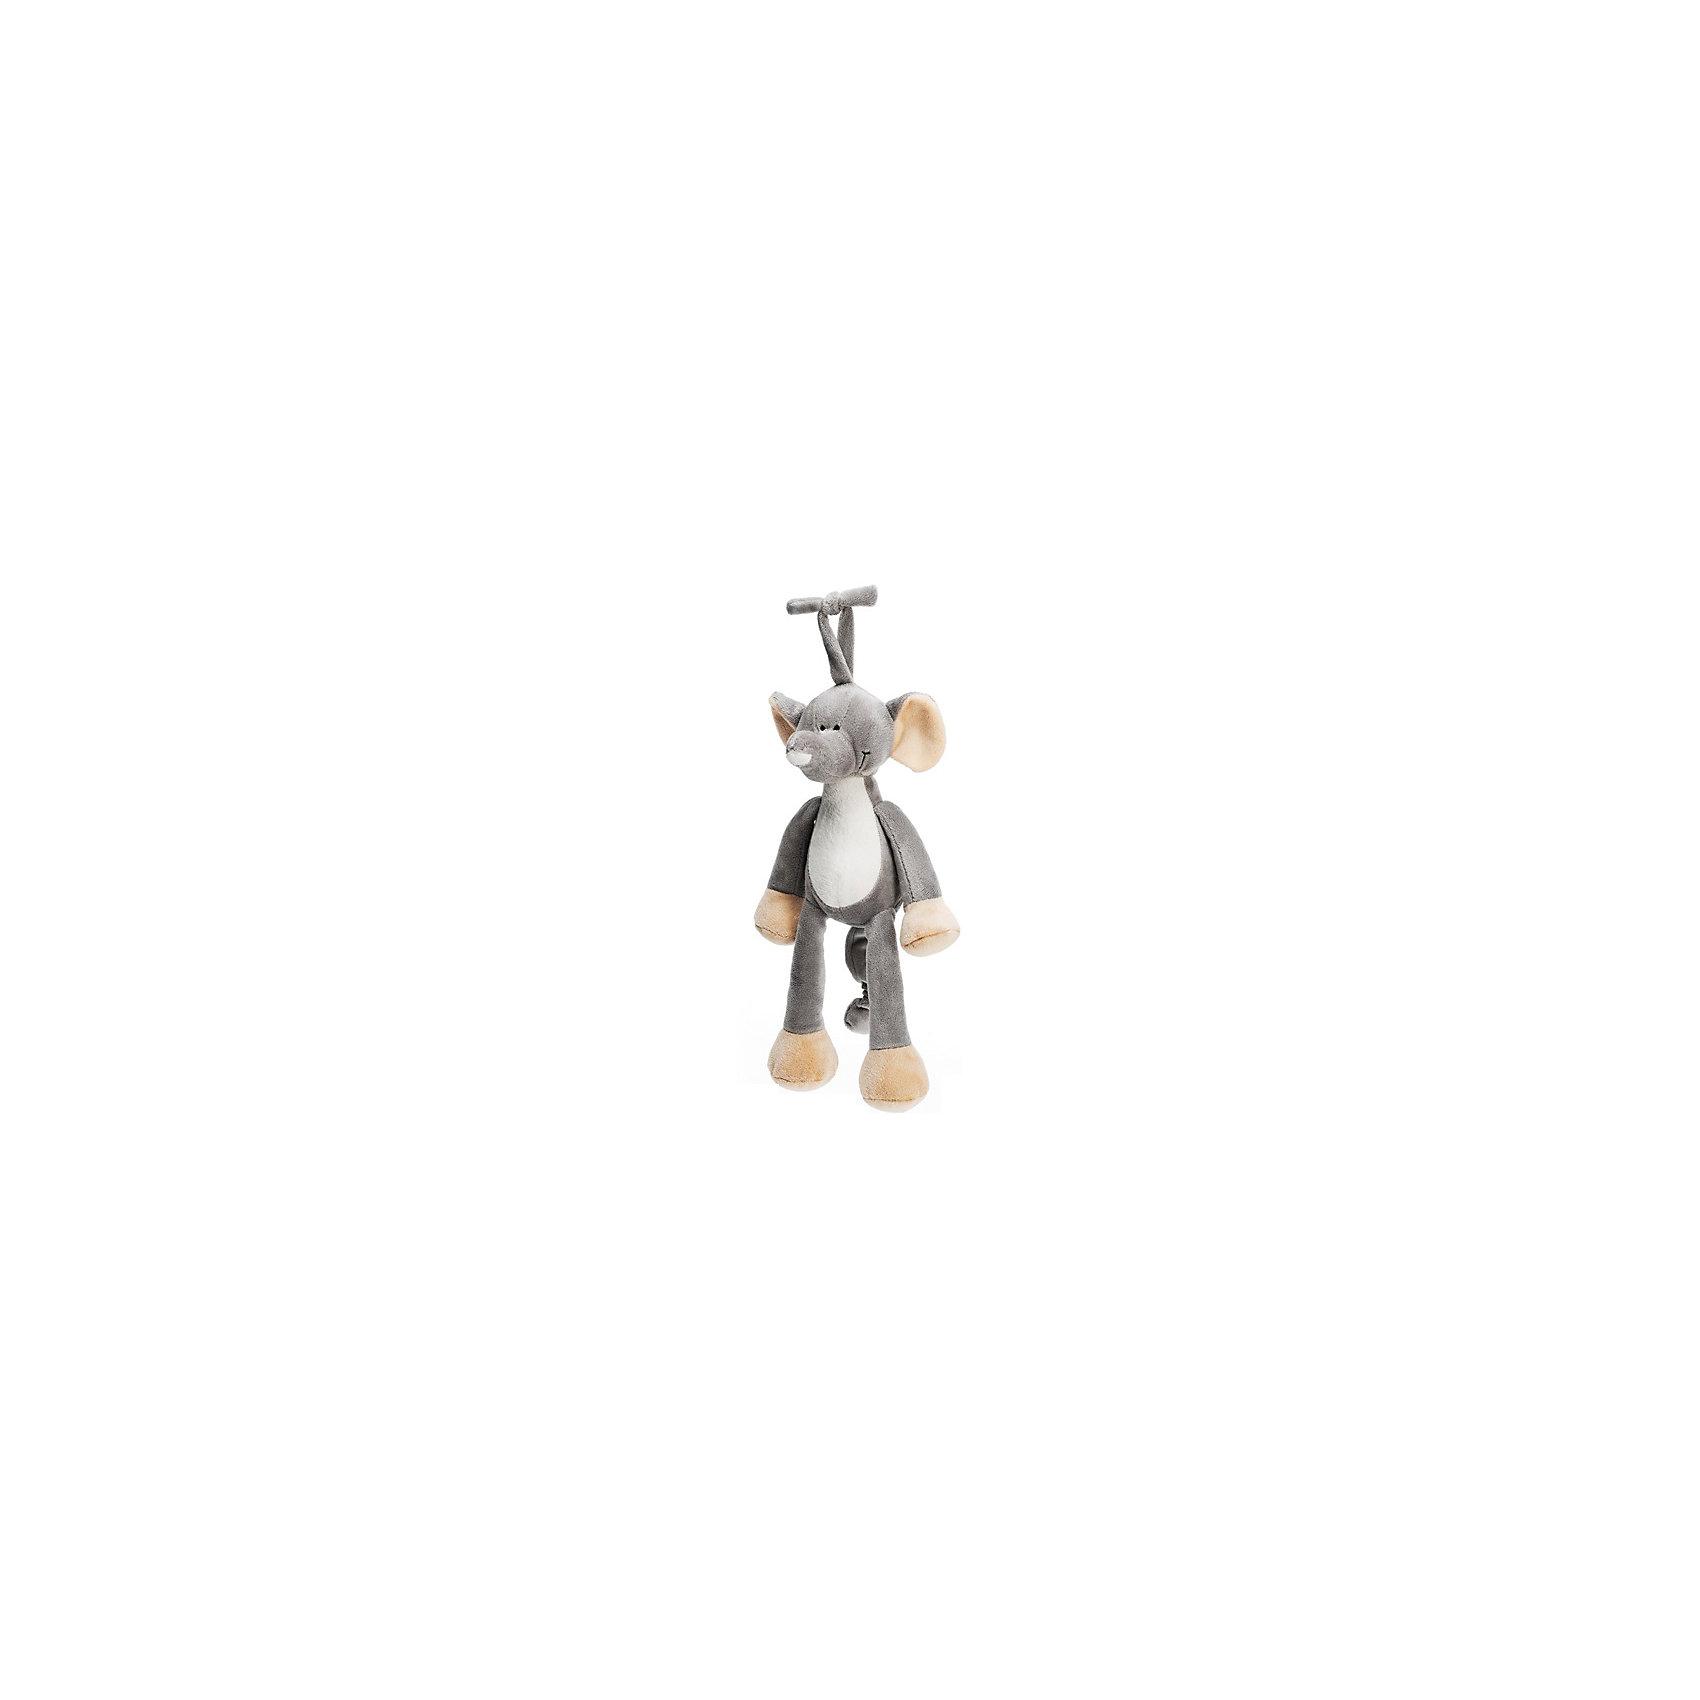 Музыкальная игрушка Слон, Динглисар, TeddykompanietМузыкальные инструменты и игрушки<br>Характеристики мягкой игрушки Teddykompaniet:<br><br>• размер слона: 25 см;<br>• серия: Динглисар;<br>• активация музыкальных эффектов: потянуть игрушку за хвост;<br>• материал: плюш, синтетический наполнитель.<br><br>Игрушка-подвеска с музыкальным мобилем развивает тактильное восприятие малыша, слуховое восприятие, зрительное восприятие. Слон Teddykompaniet выполнен из мягкого гипоаллергенного материала, внутри мягкий наполнитель.  <br><br>Музыкальную игрушку Слон, Динглисар, Teddykompaniet можно купить в нашем интернет-магазине.<br><br>Ширина мм: 250<br>Глубина мм: 250<br>Высота мм: 100<br>Вес г: 250<br>Возраст от месяцев: 0<br>Возраст до месяцев: 36<br>Пол: Унисекс<br>Возраст: Детский<br>SKU: 4903932